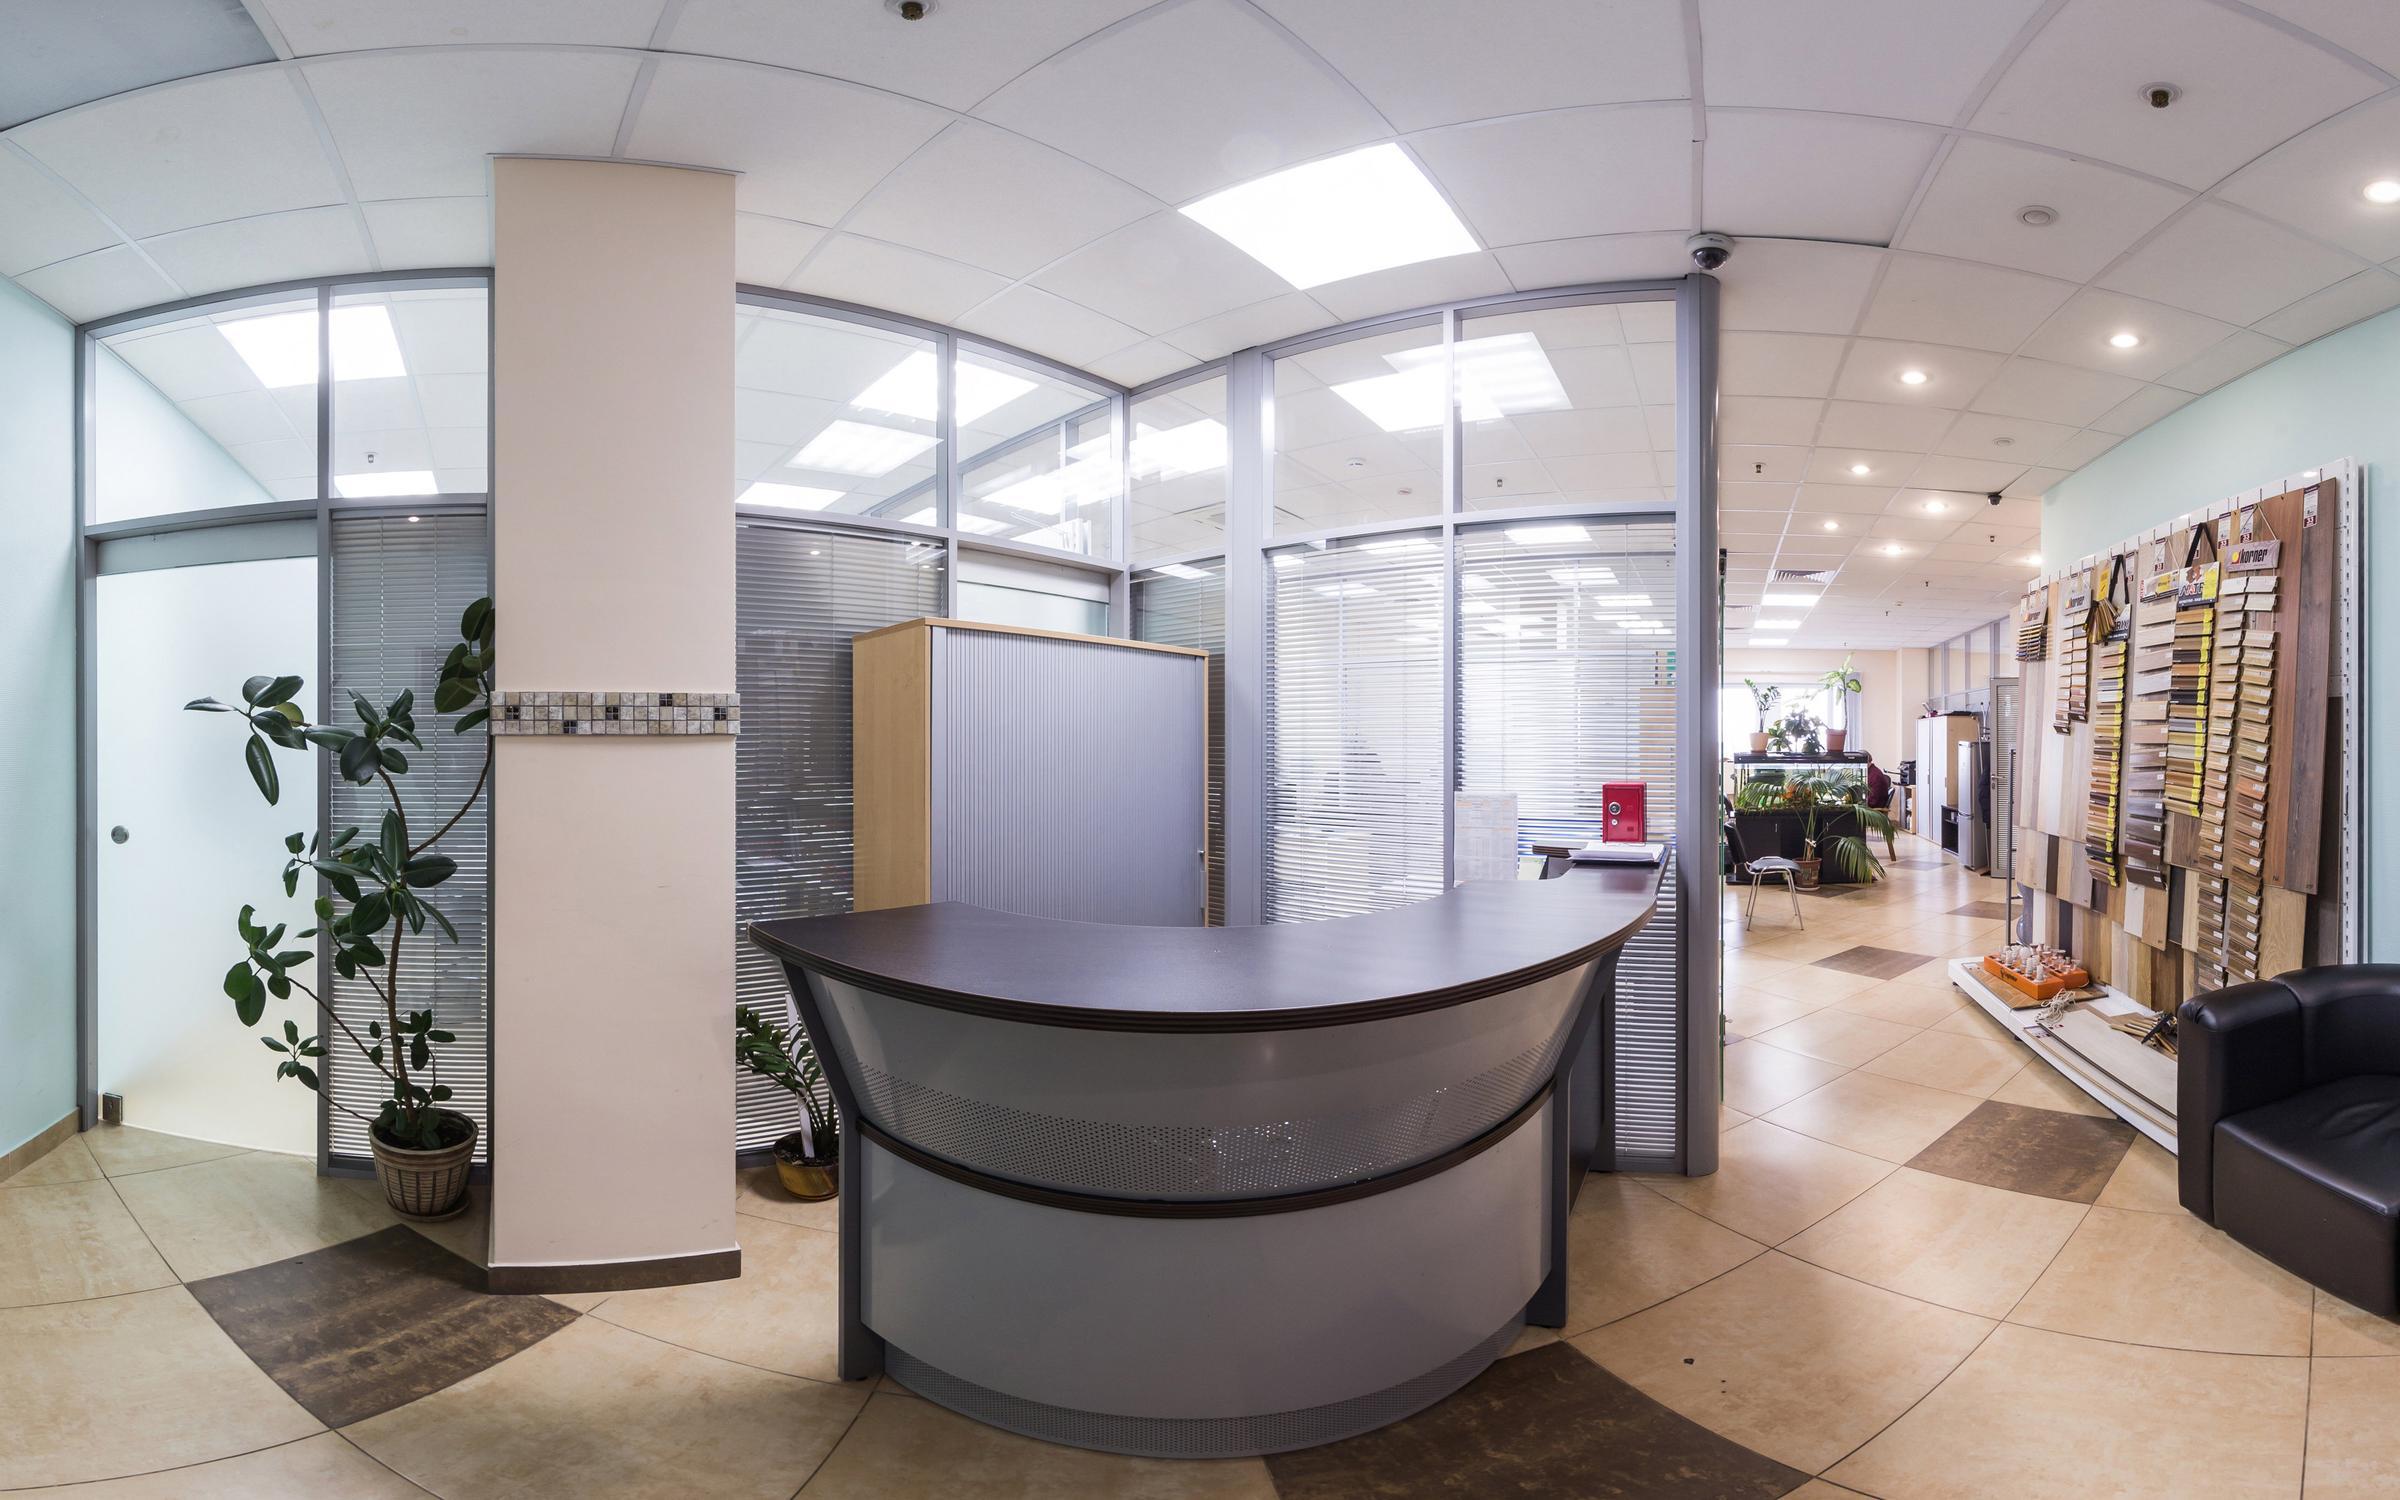 фотография Клининговой компании СВ Клининг в ТЦ Авиамоторная 50